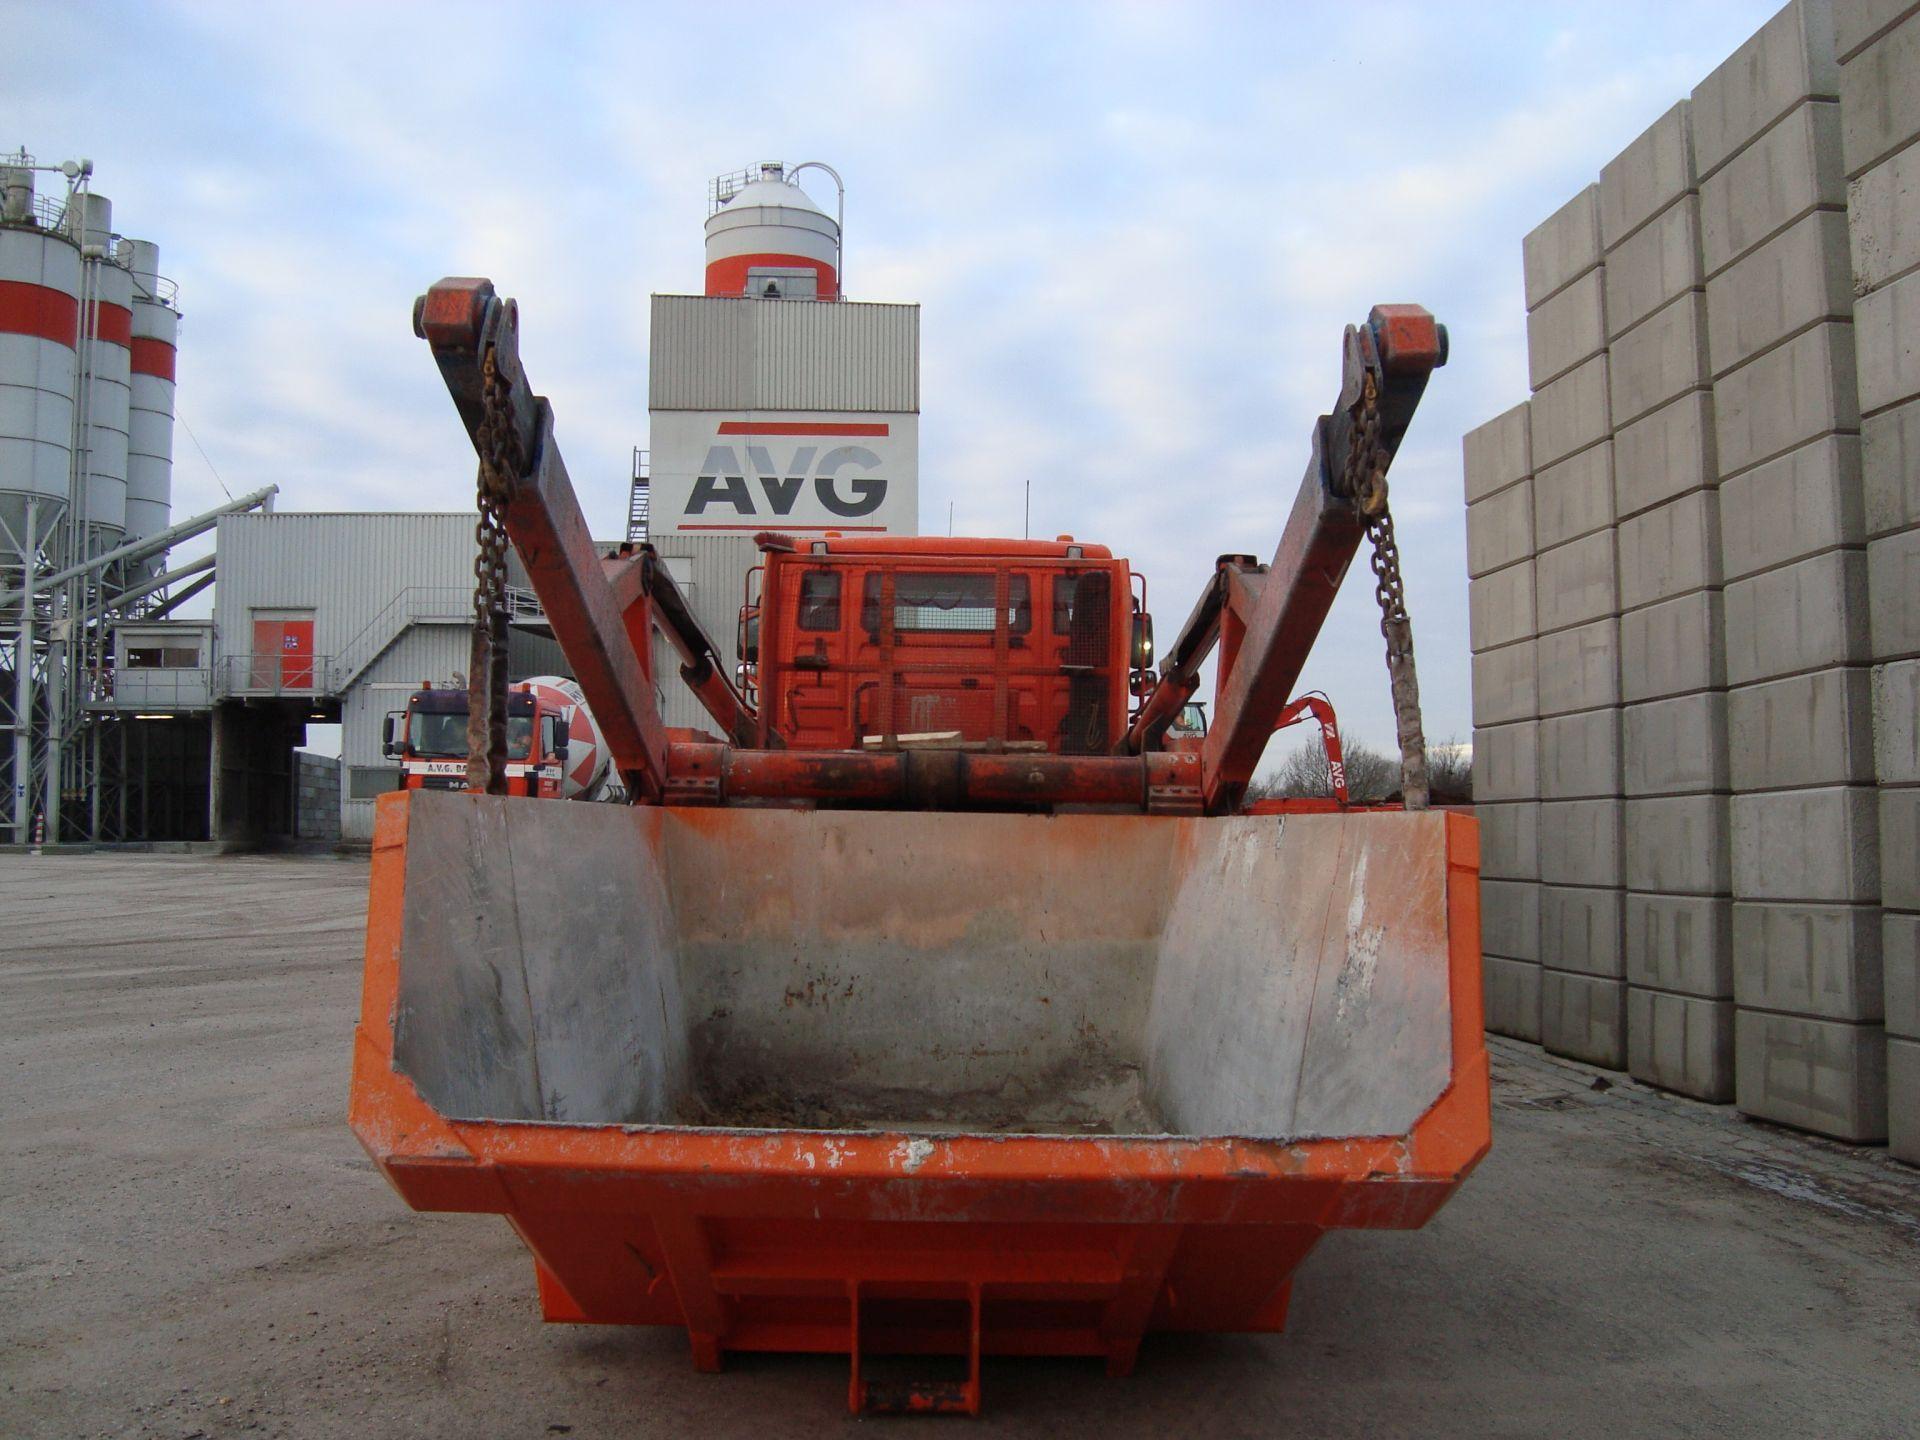 kleine-container-8-avg-bouwstoffen